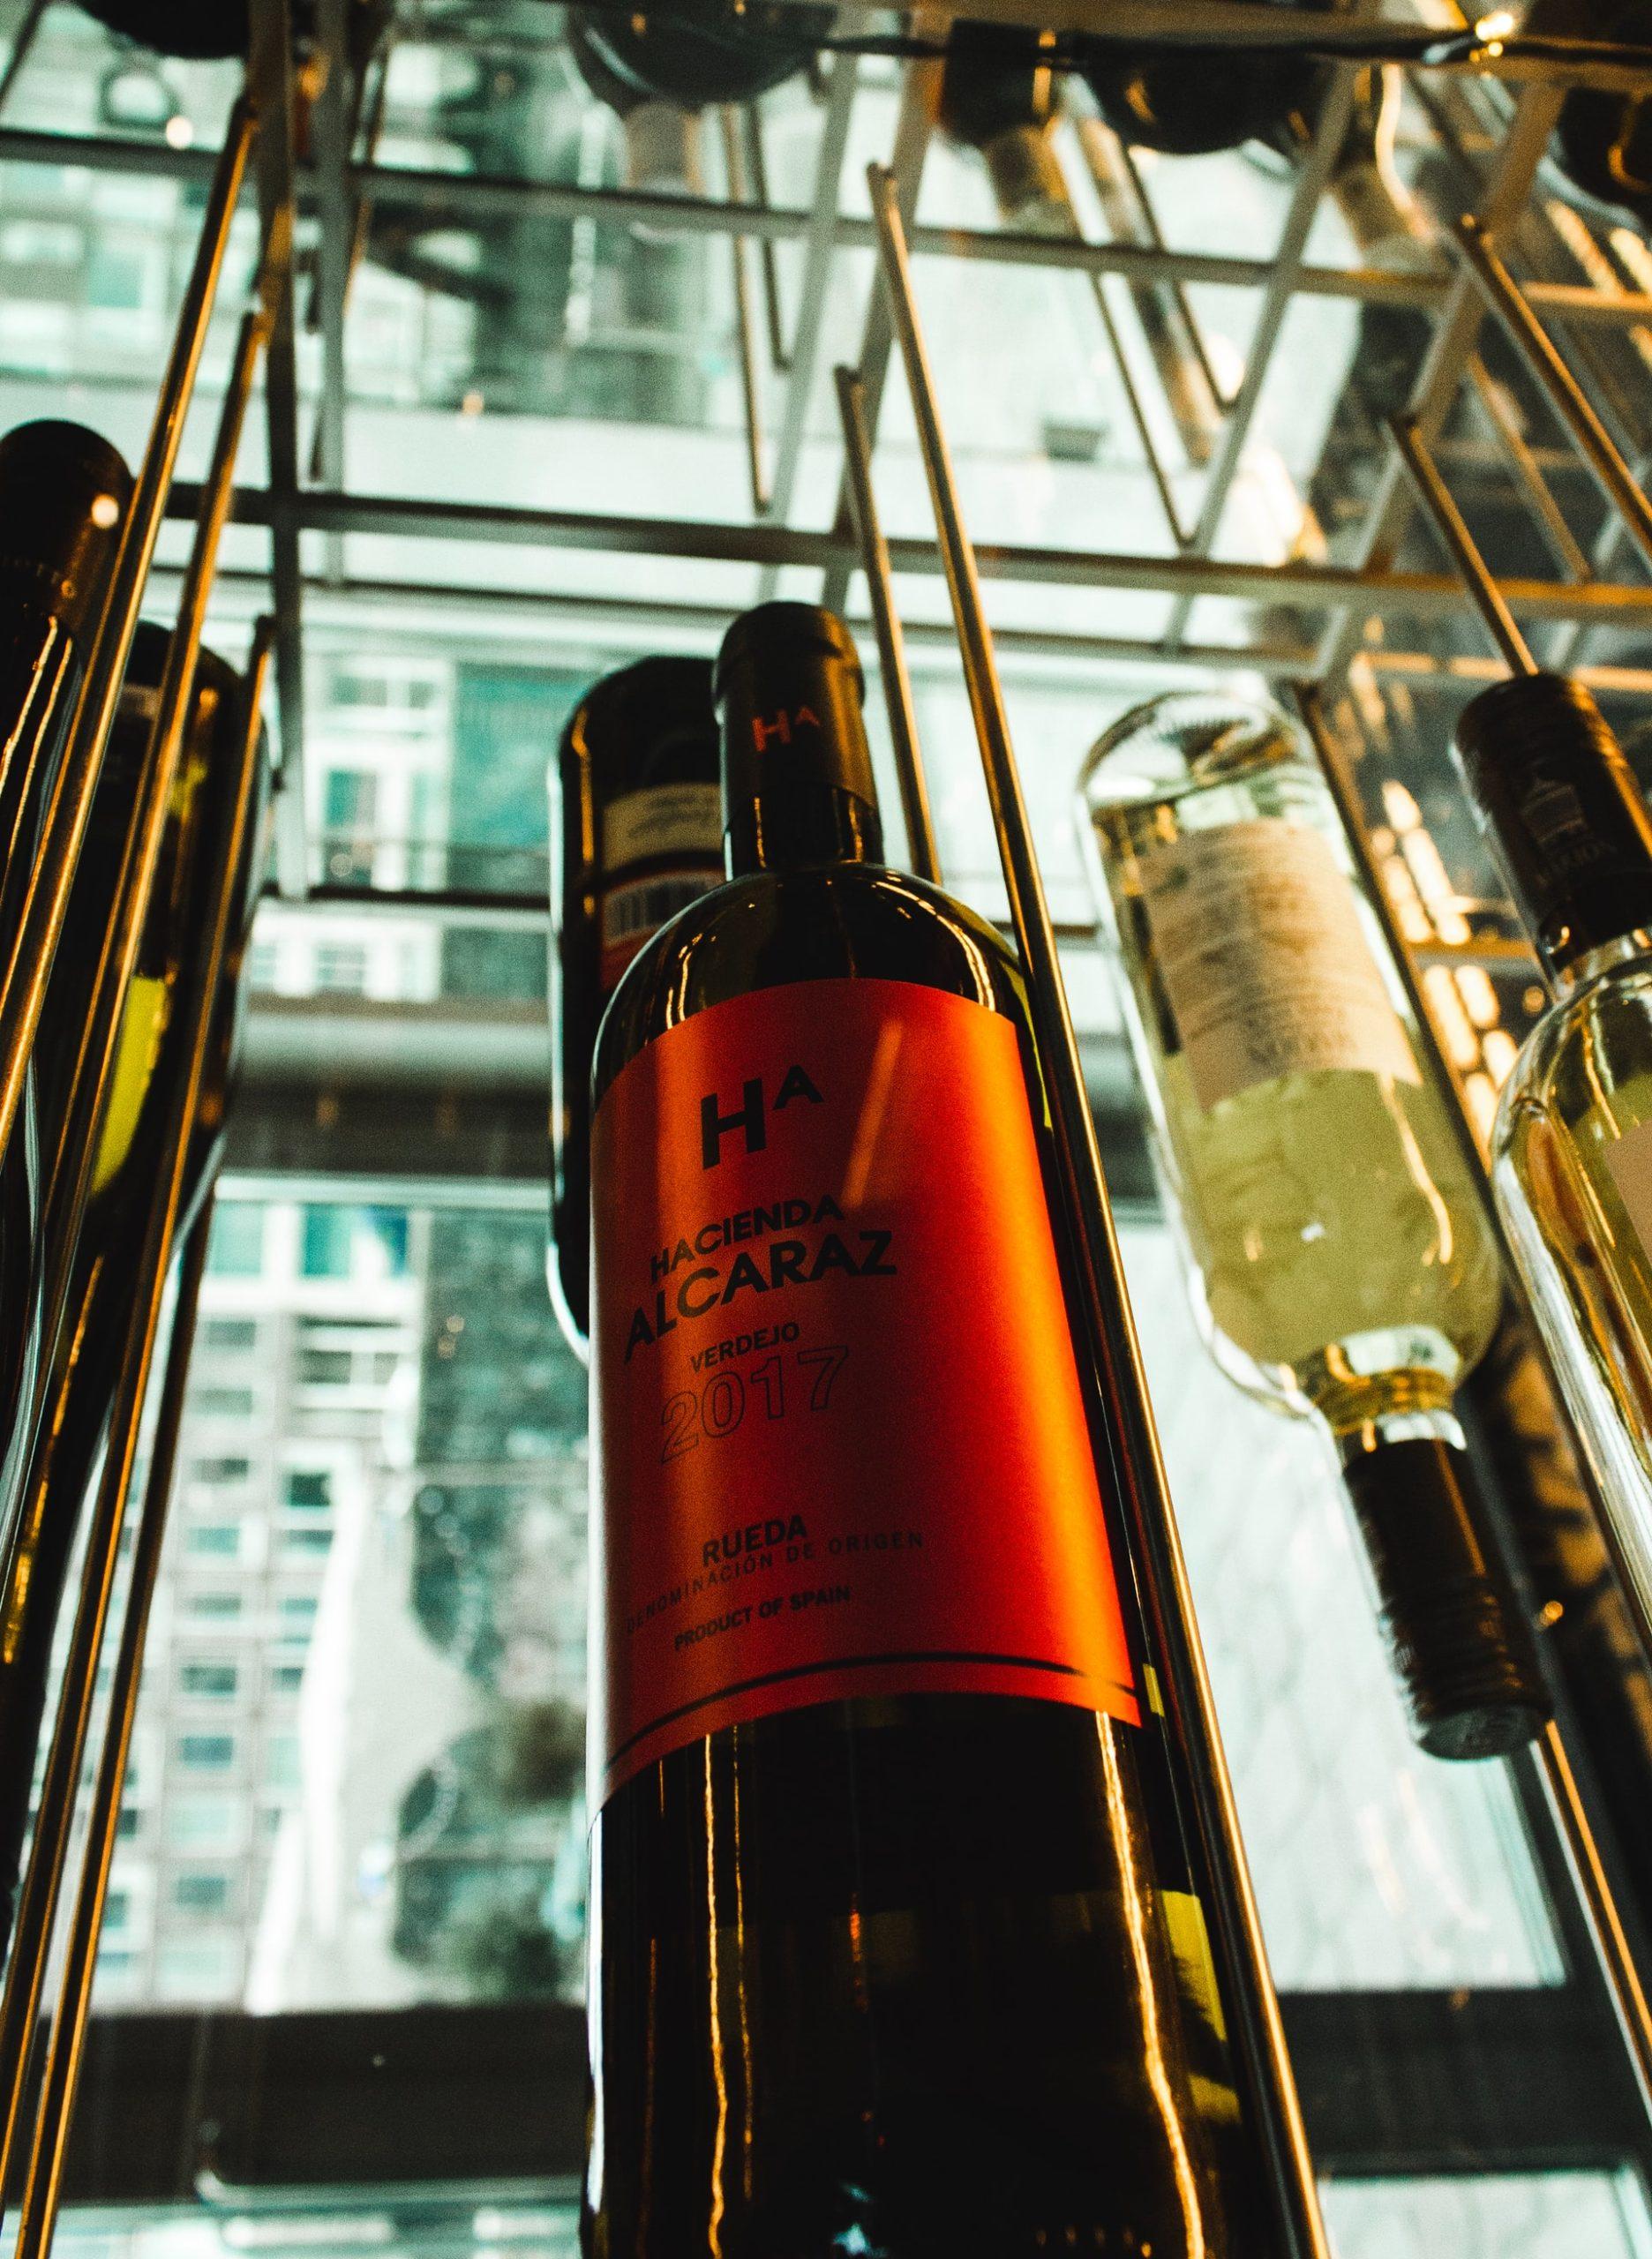 Wine Profiteering Selling Header Image